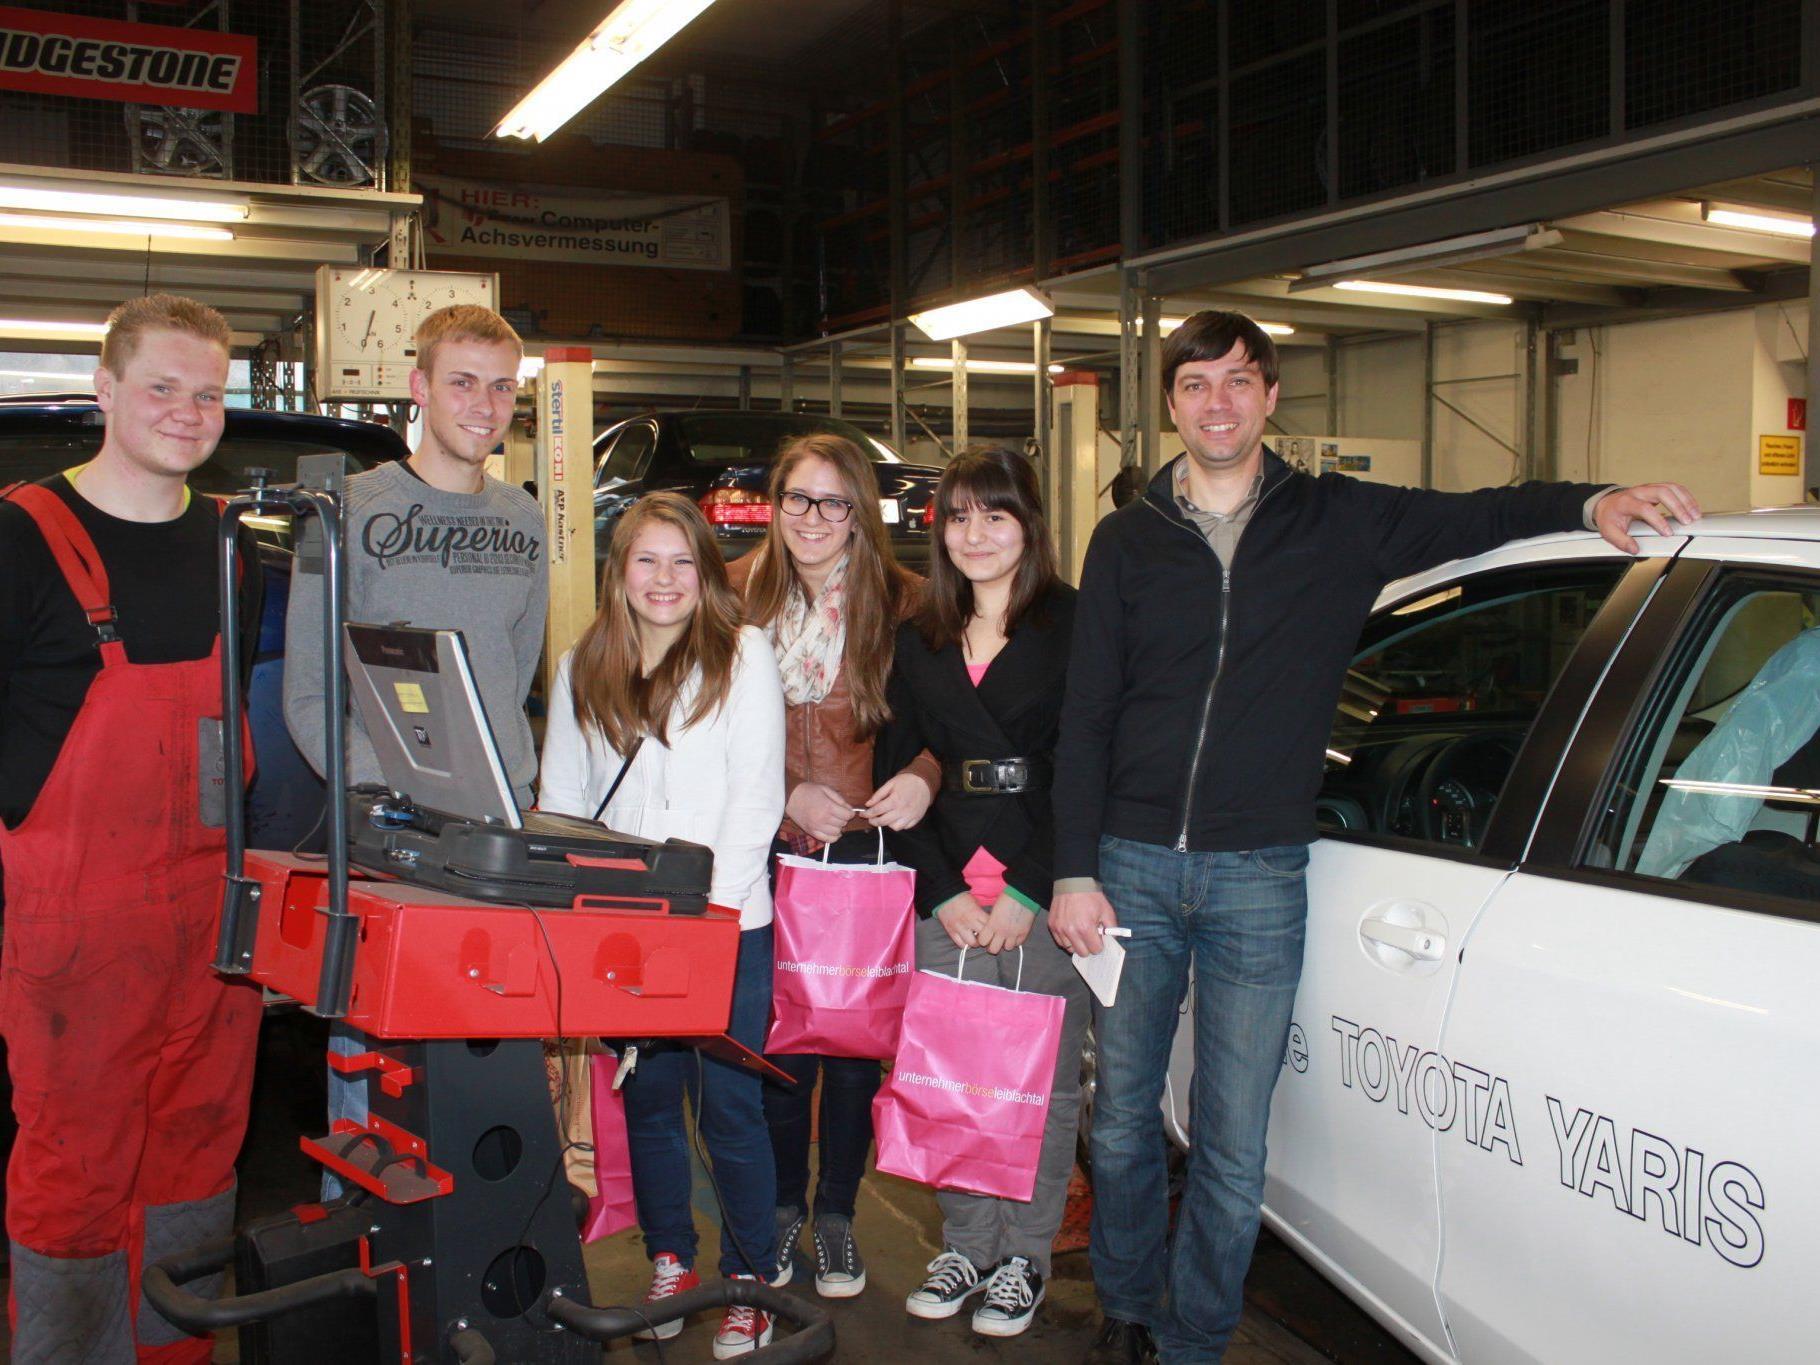 Mädchen zu Besuch in der KFZ-Werkstätte von Toyota Walter in Lochau.